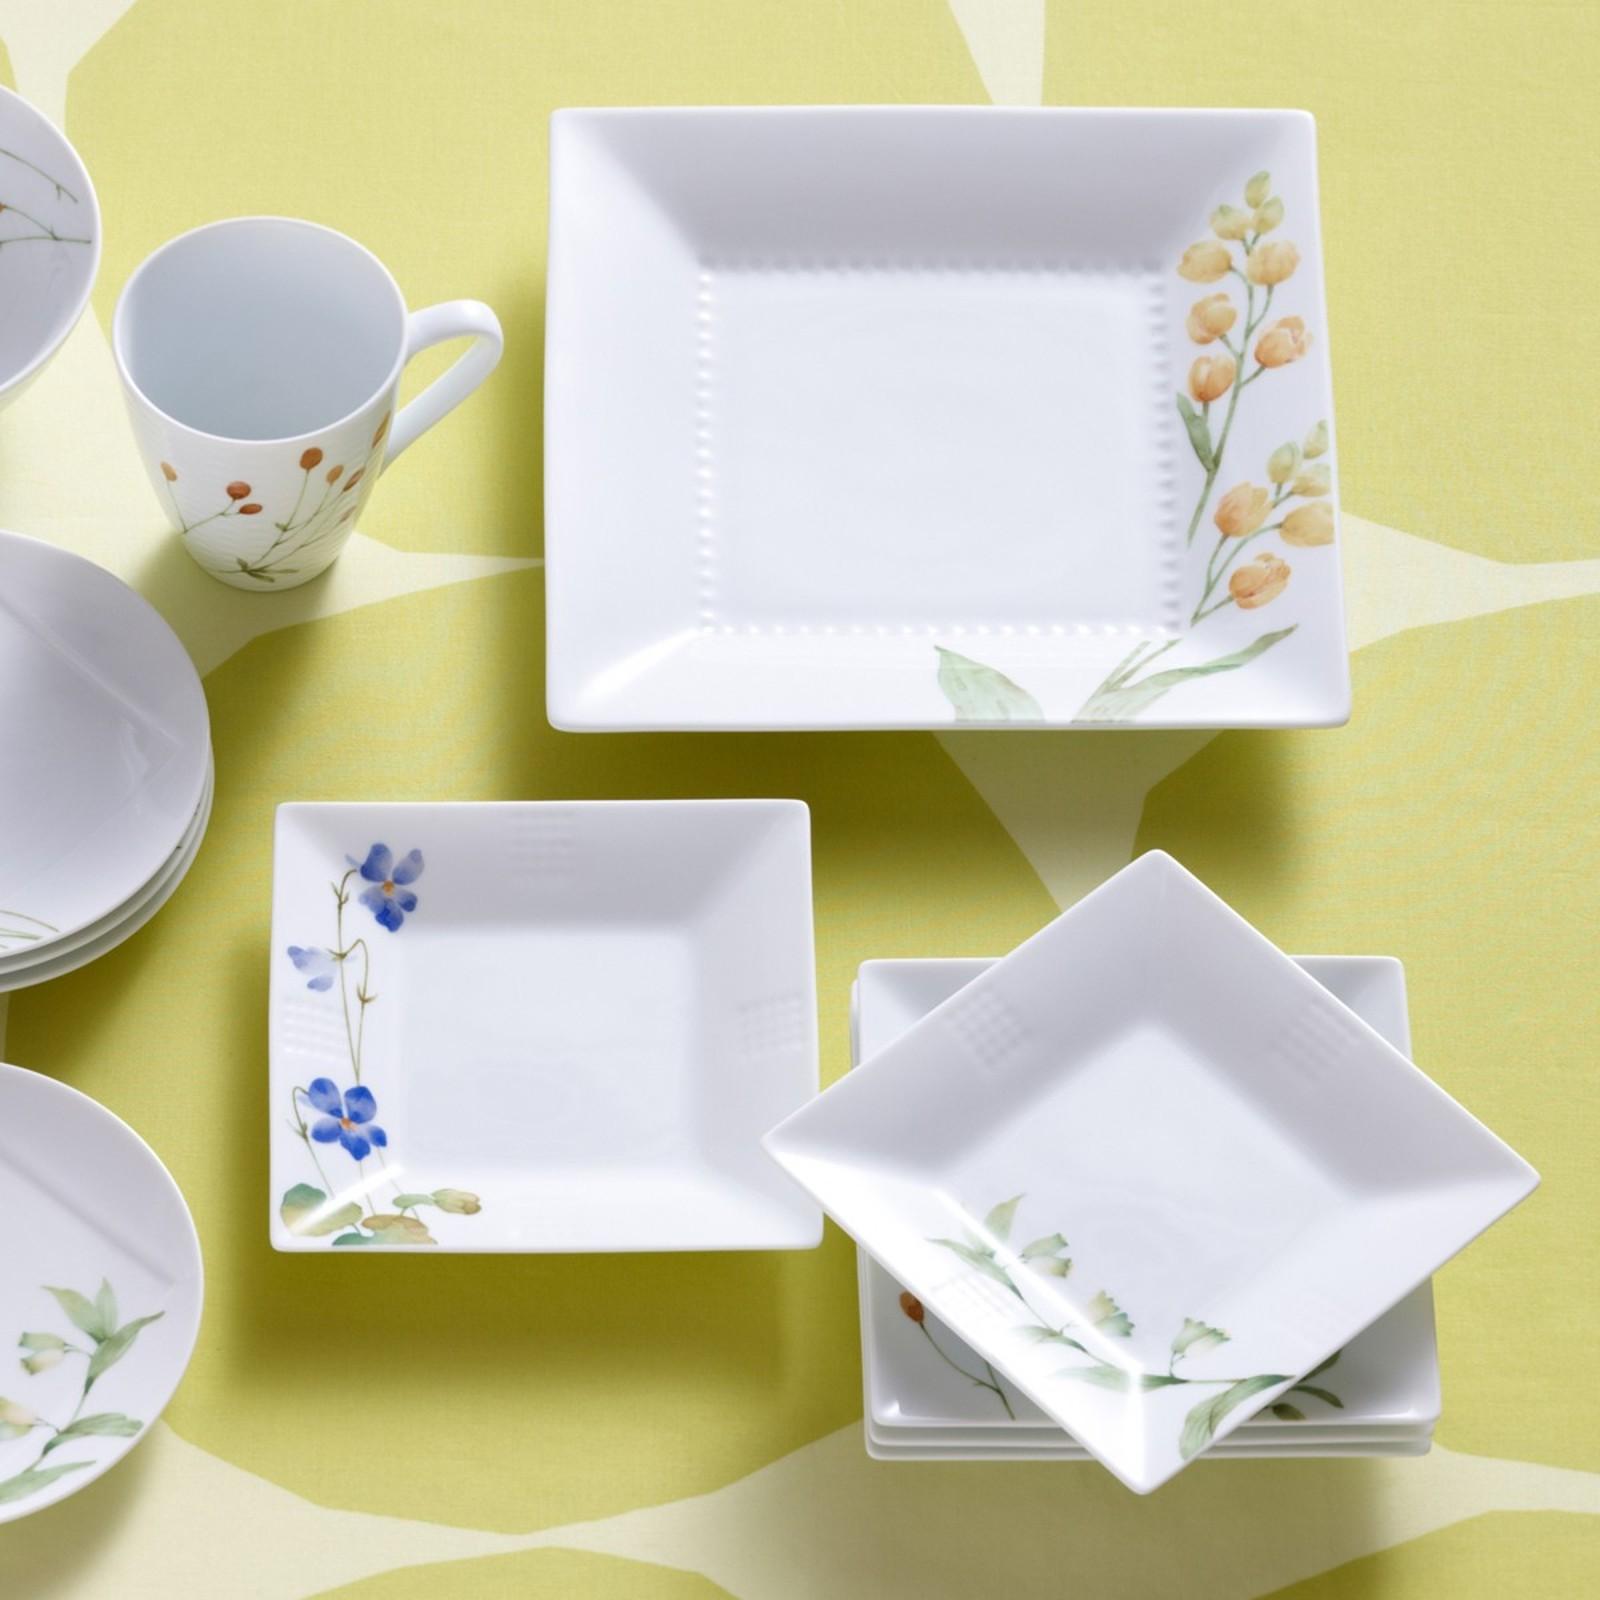 & Azuma No Michi Square Plate Set of 2 | Zola